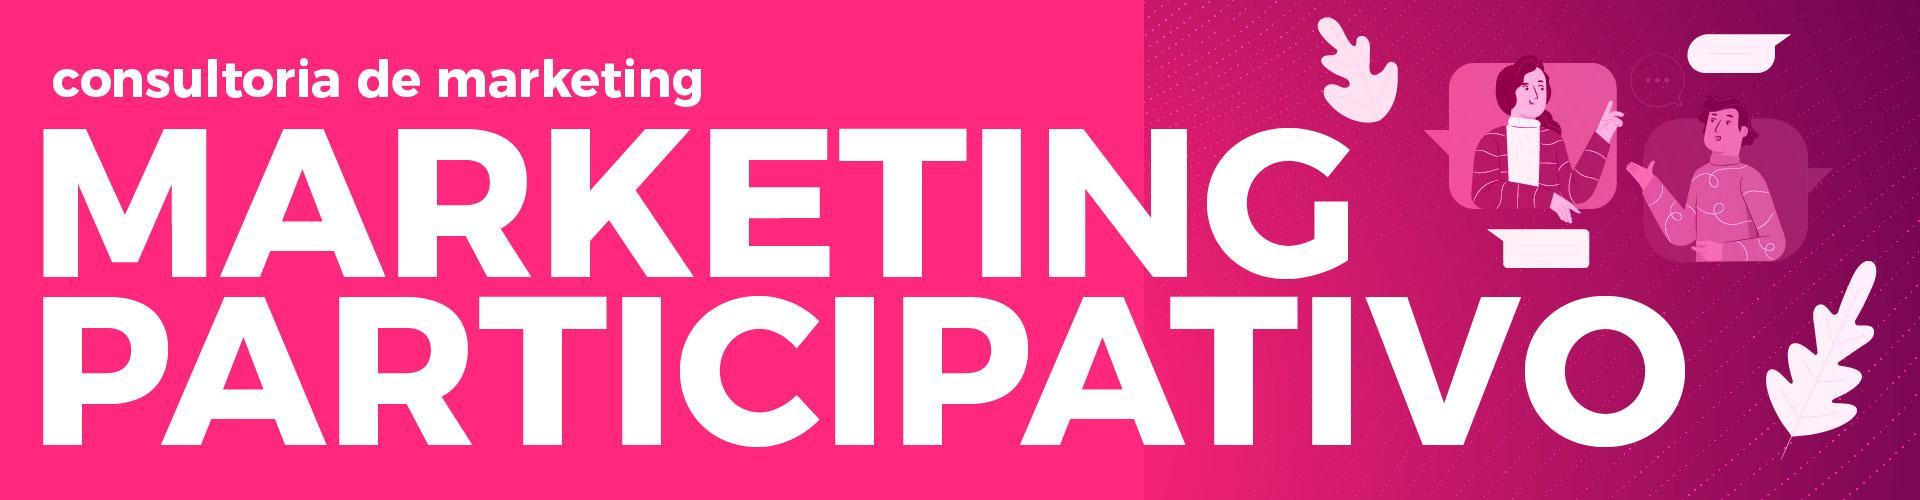 Consultoria de Marketing: O que é, como funciona e como ela pode ajudar sua empresa